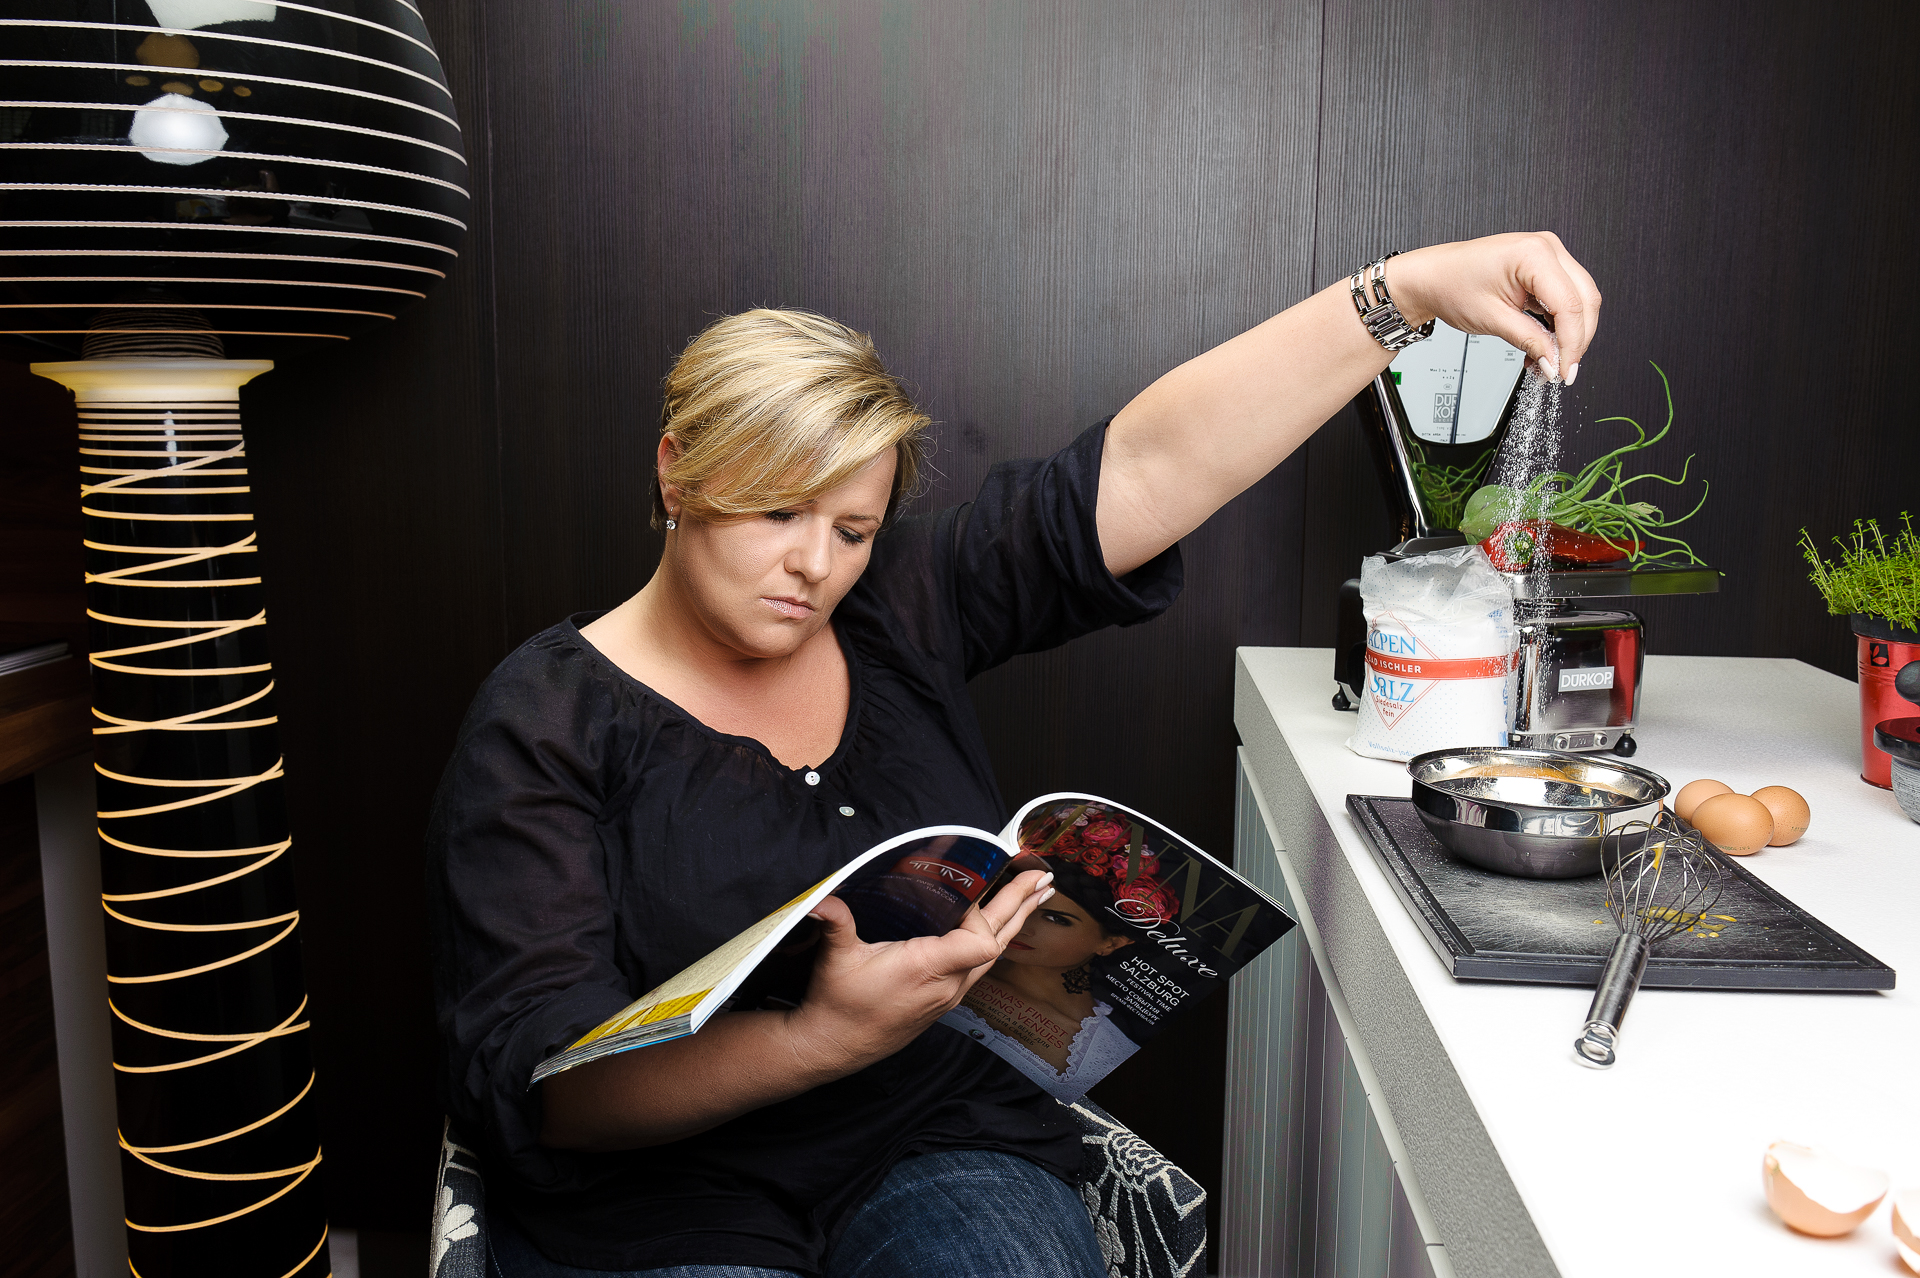 Kunden Kochbuch03 Advertising Werbung by JHofer-Foto Juergen Hofer